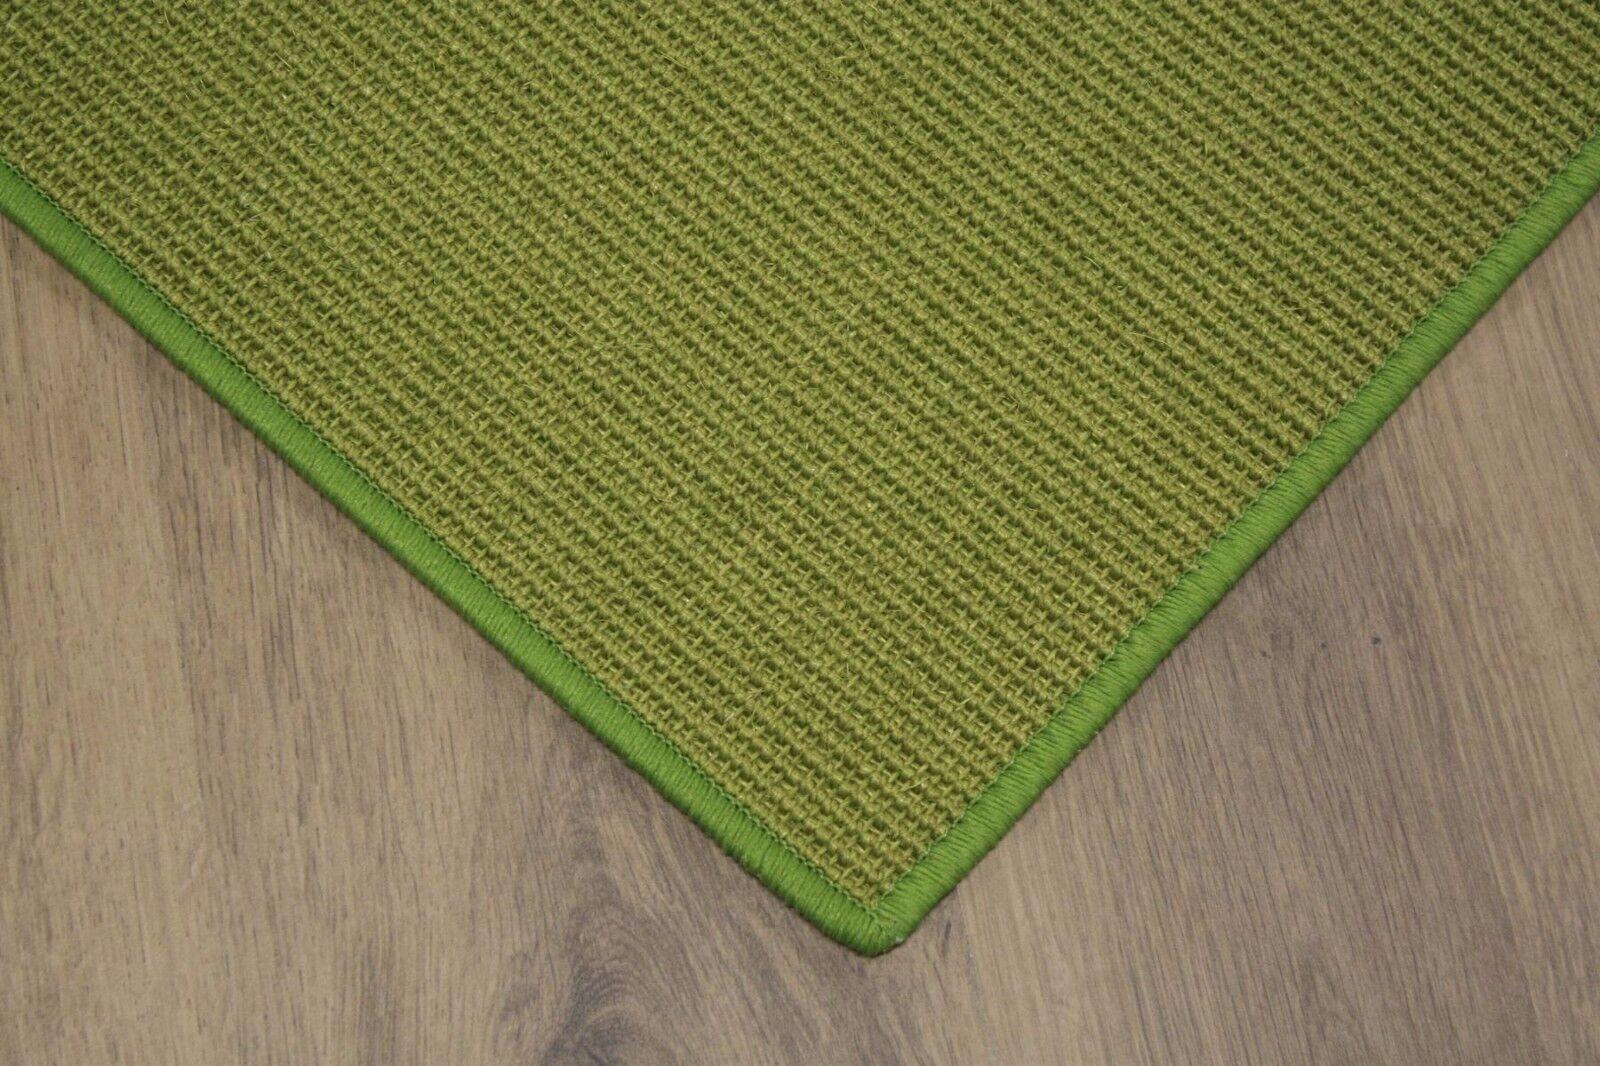 Sisal Tappeto verde 120x180cm 100% Agave Anelloin Loop